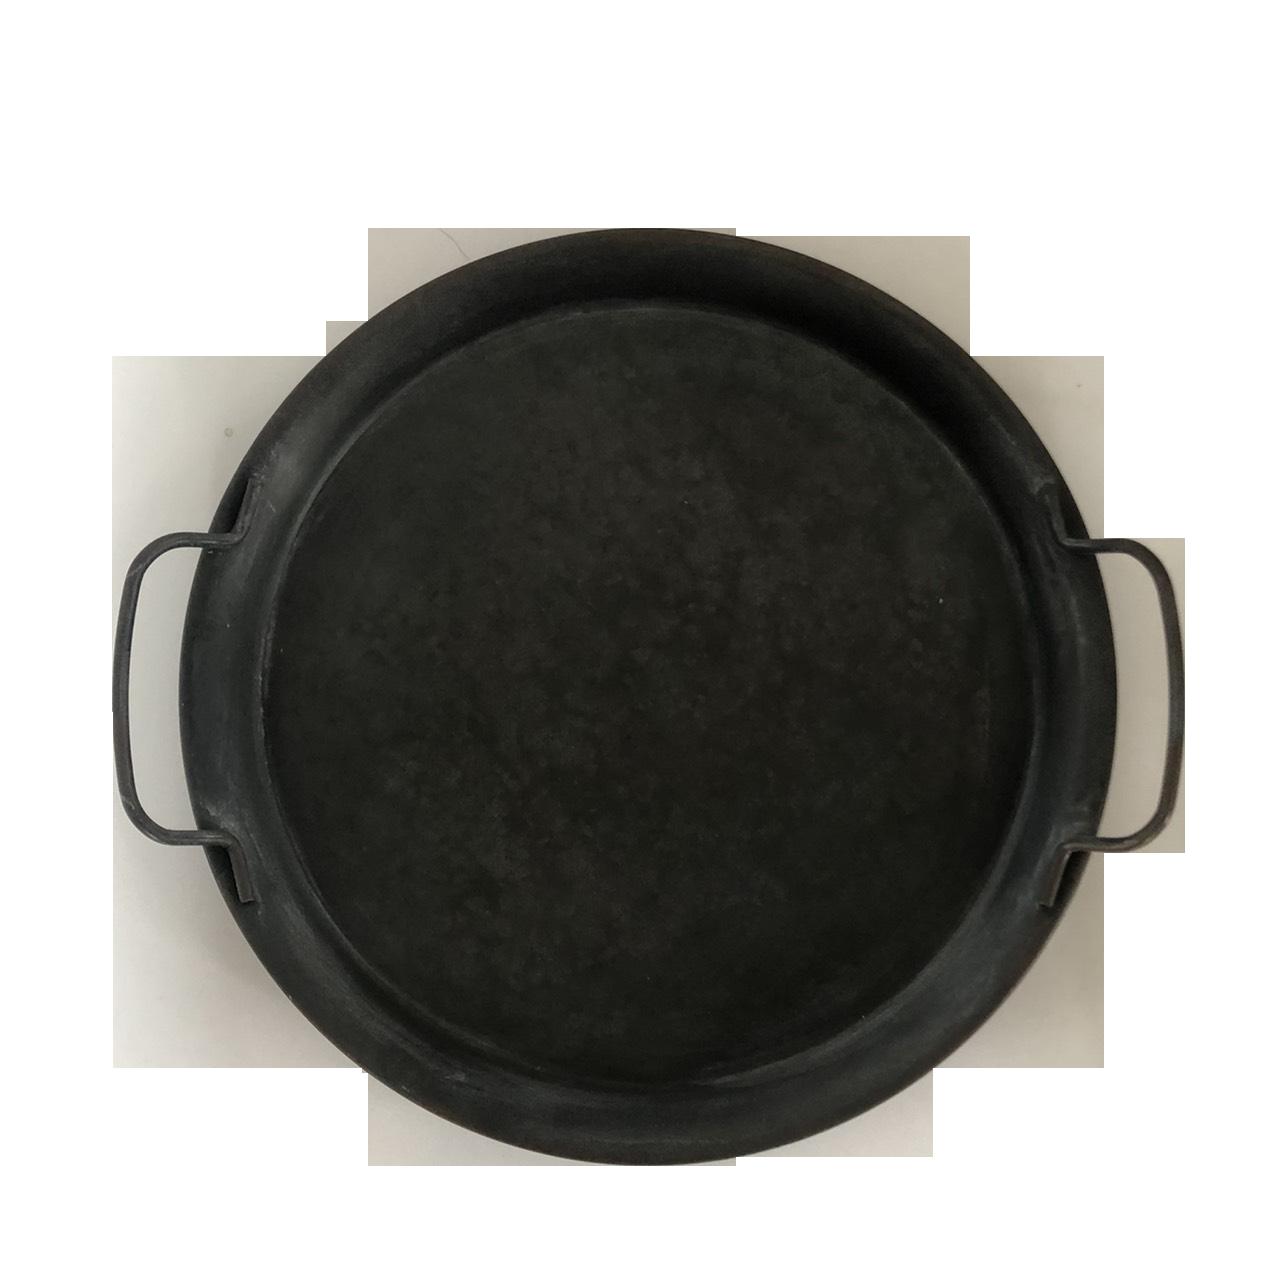 鐵藝做舊復古雙耳圓托盤 ( Φ20 x 2 cm ) -外星人餐具